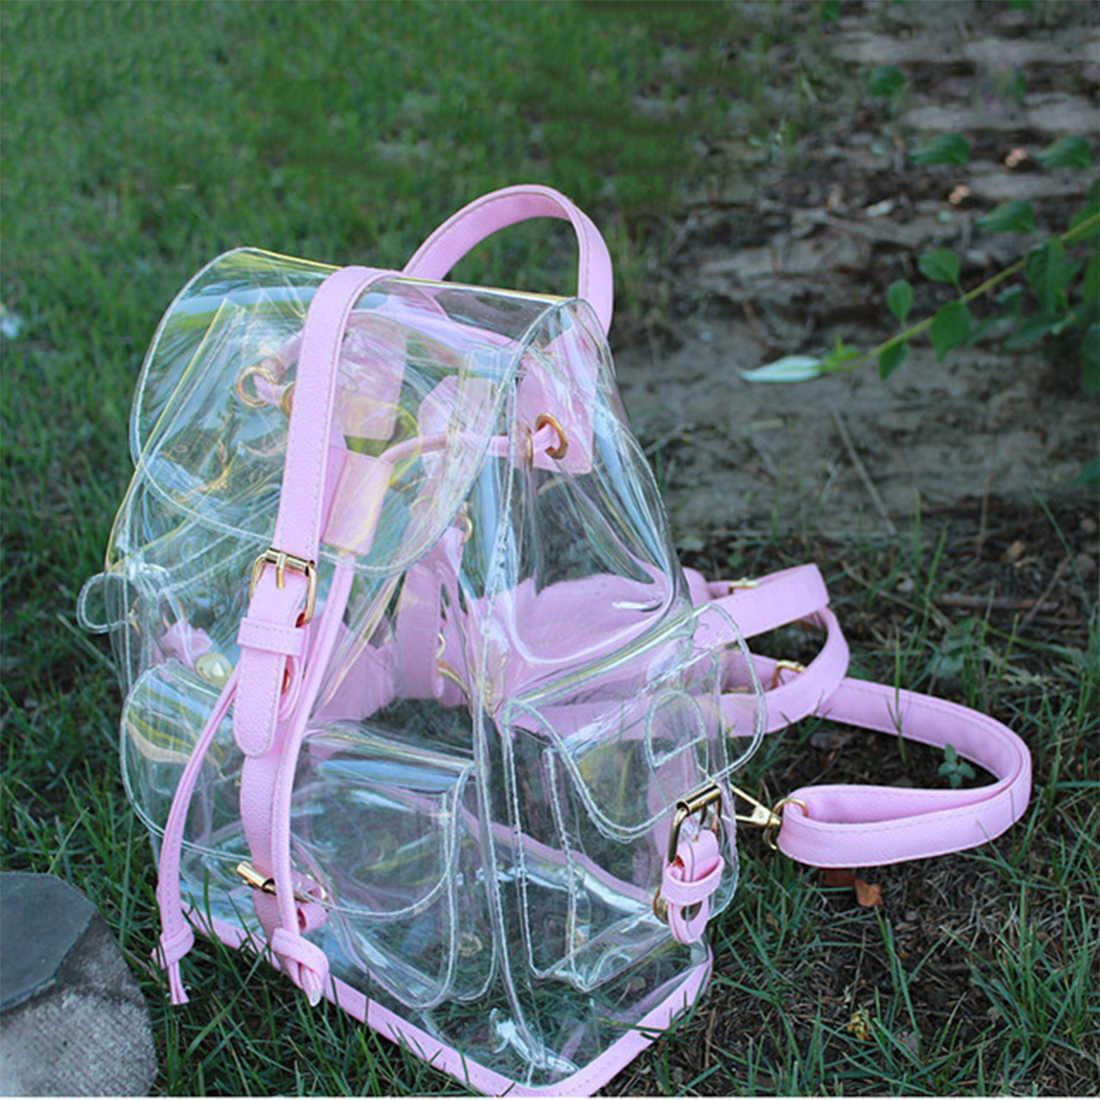 Новый женский рюкзак прозрачный пластиковый прозрачный прозрачность безопасности рюкзак для девочек-подростков дорожная школьная сумка mochila feminin